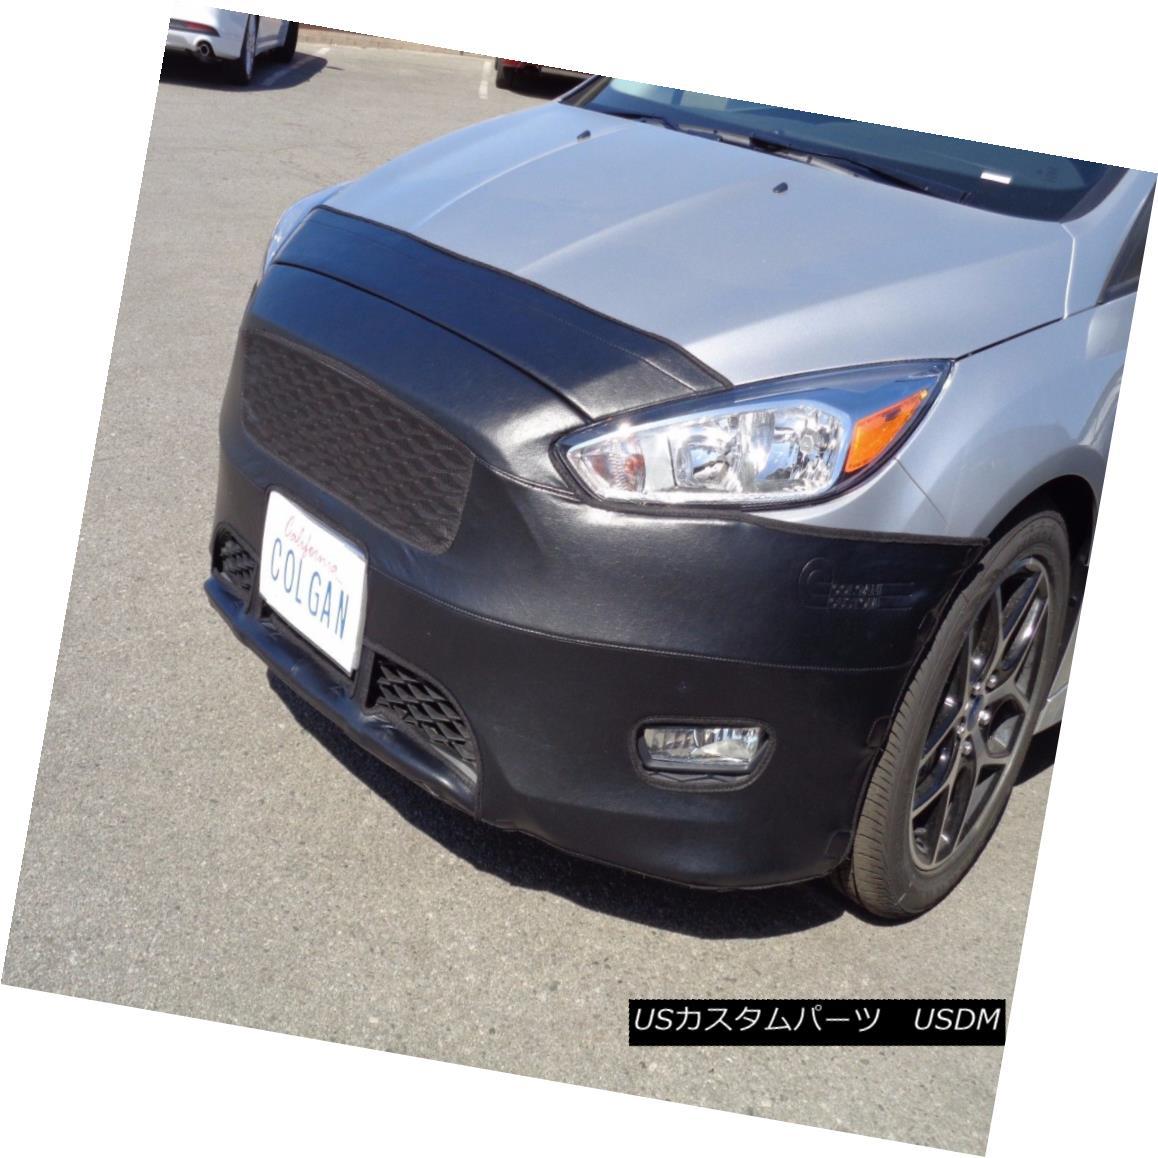 フルブラ ノーズブラ Colgan Front End Mask Bra 2pc. Fits Ford Focus SE Sedan 2015-2016 W/License Pl. コルガンフロントエンドマスクブラ2pc Ford Focus SEセダン2015-2016 W /ライセンスP1に適合